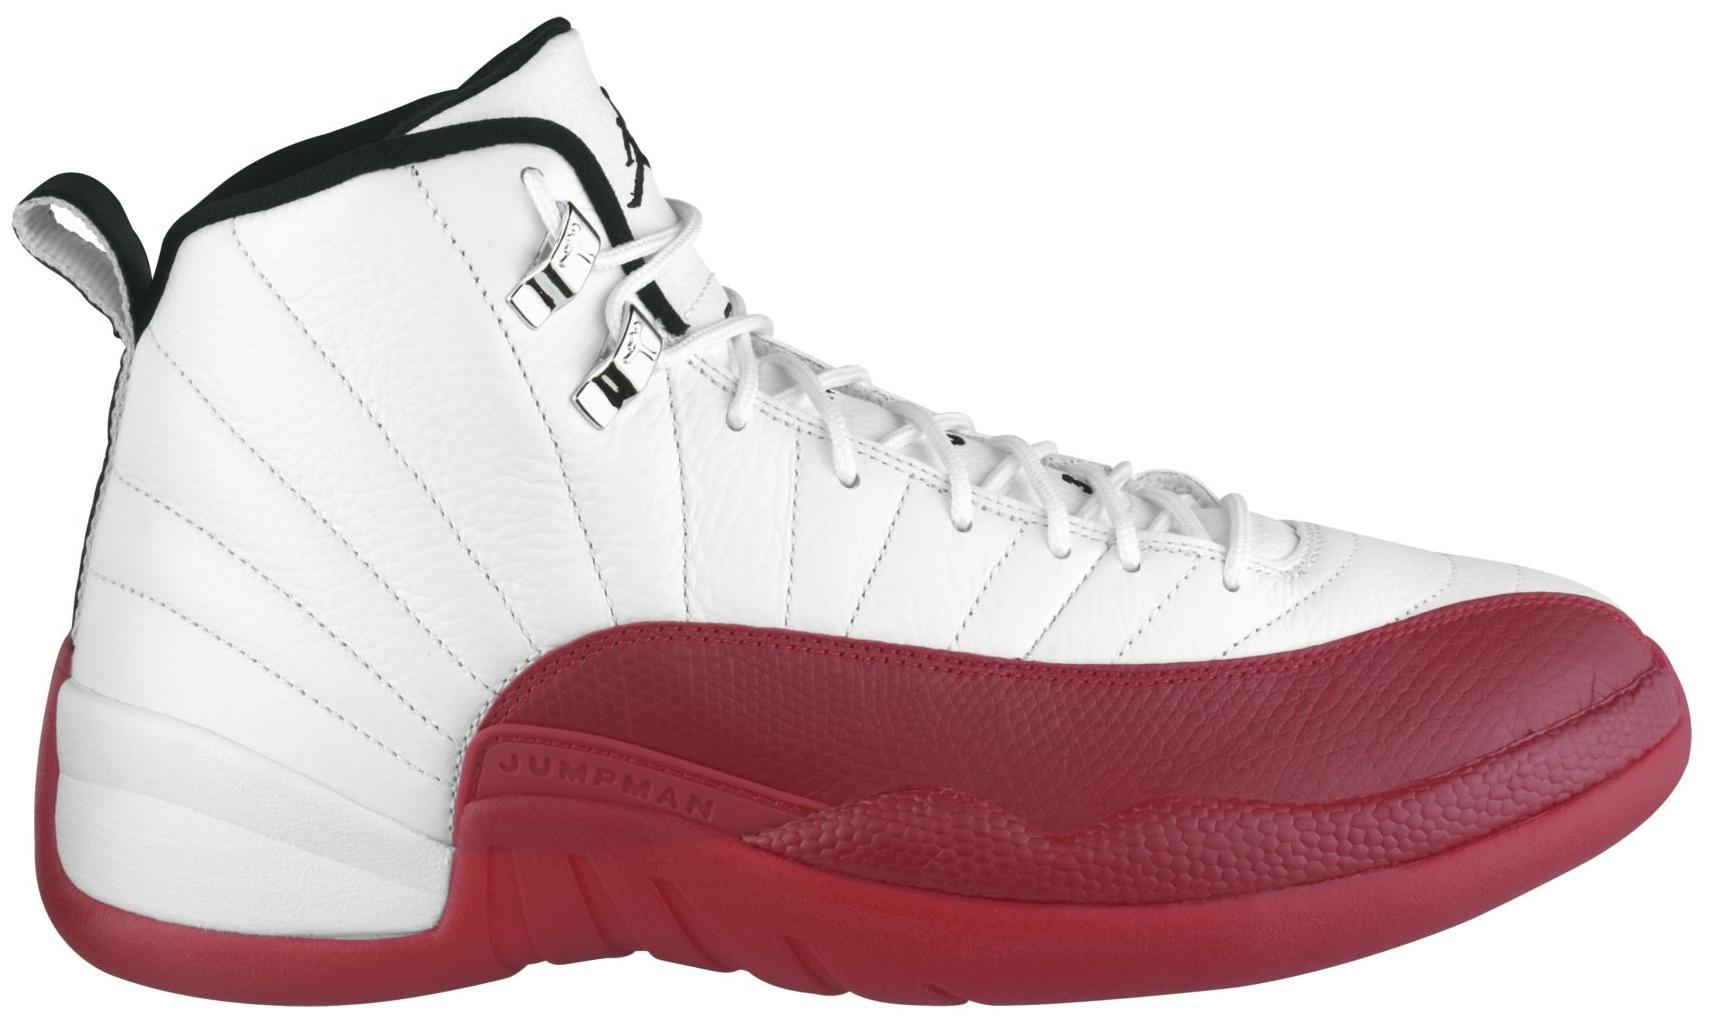 Jordan 12 Retro Cherry (2009)